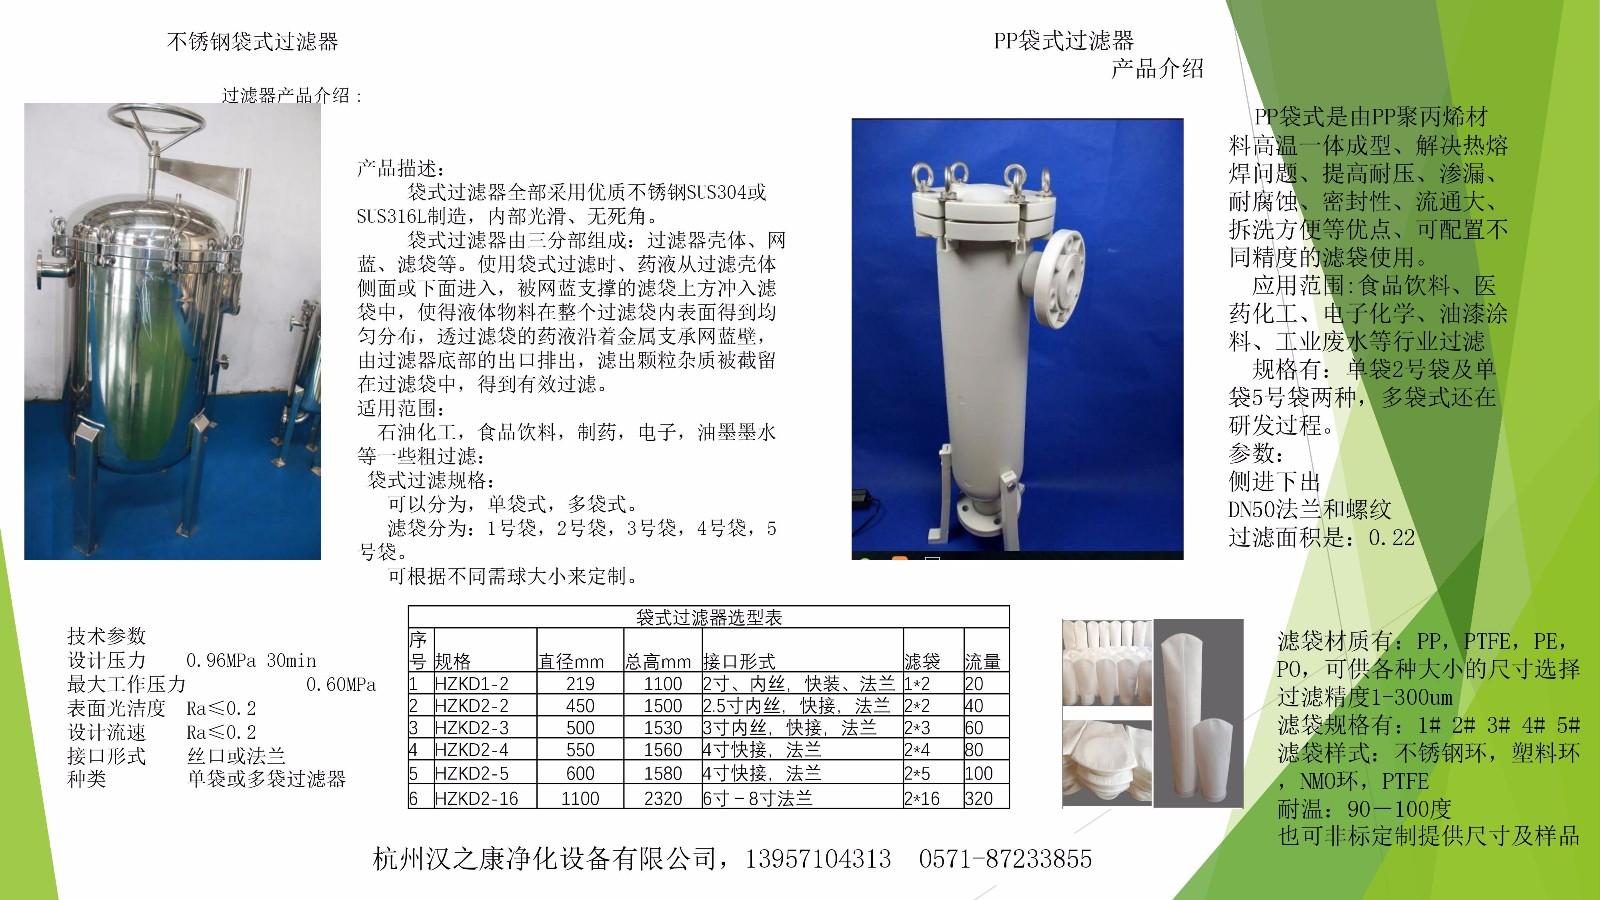 关于汉之康|关于汉之康-杭州汉之康净化设备有限公司